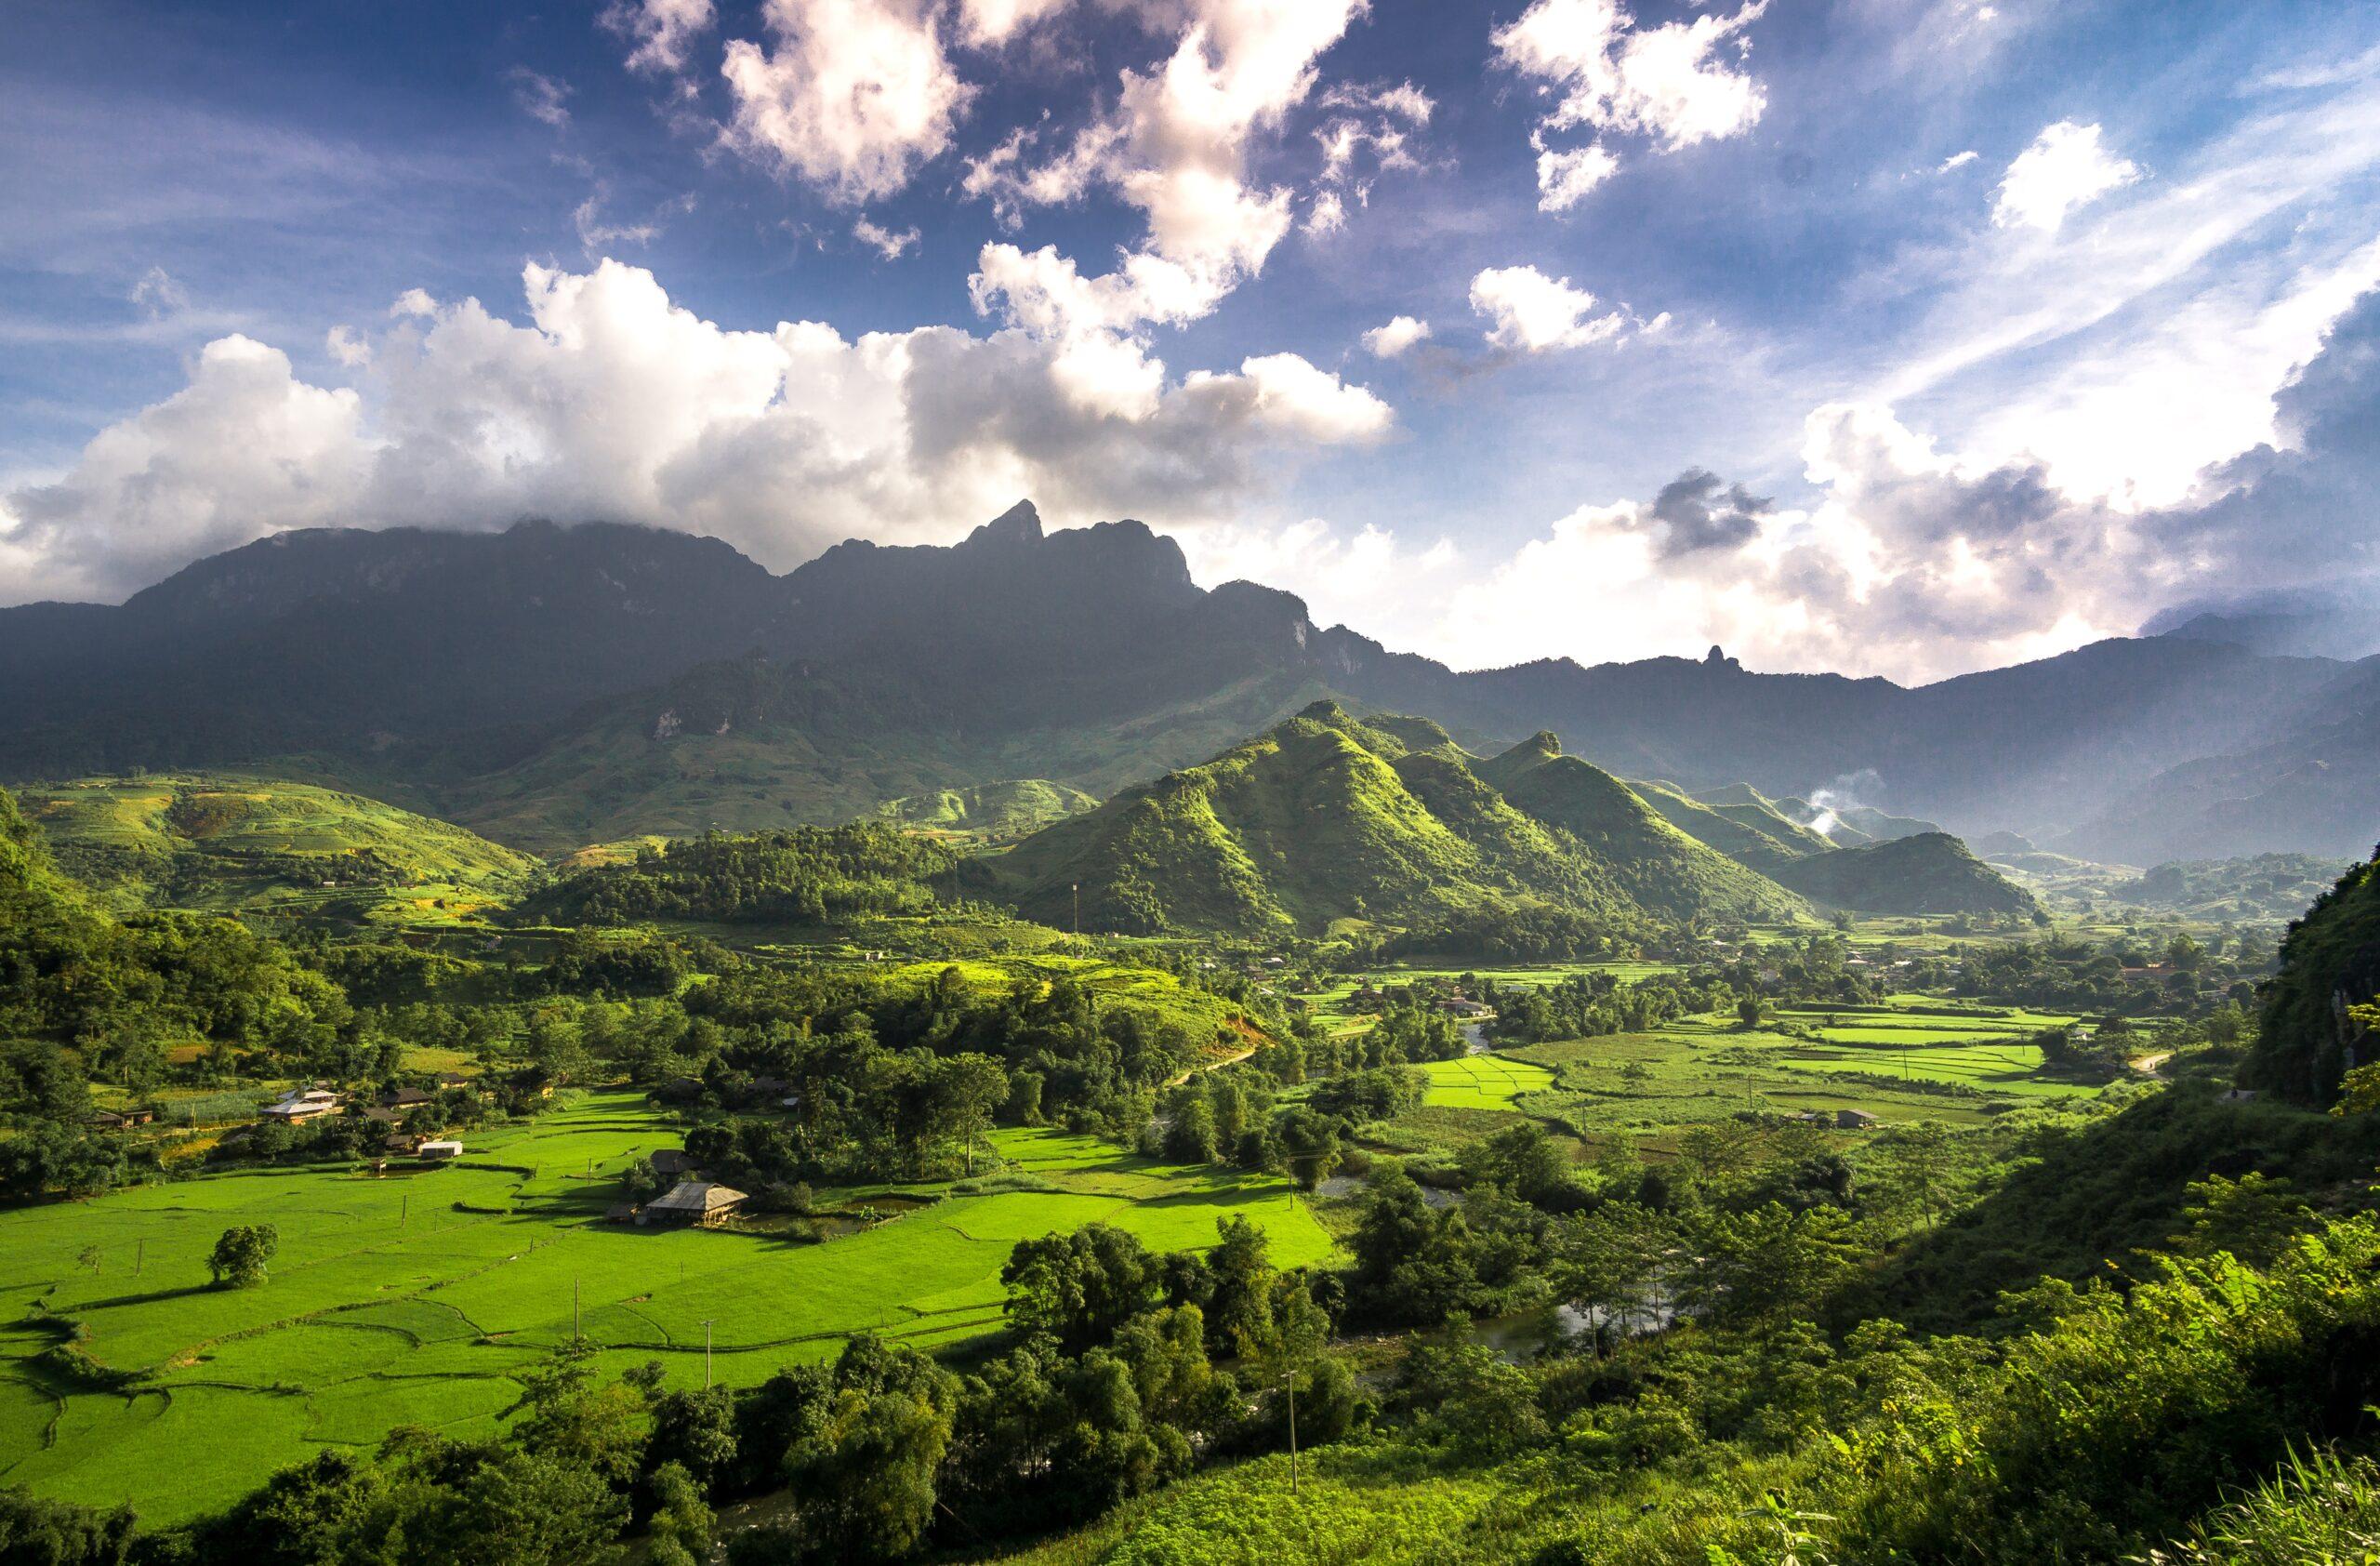 valli e montagne verdi